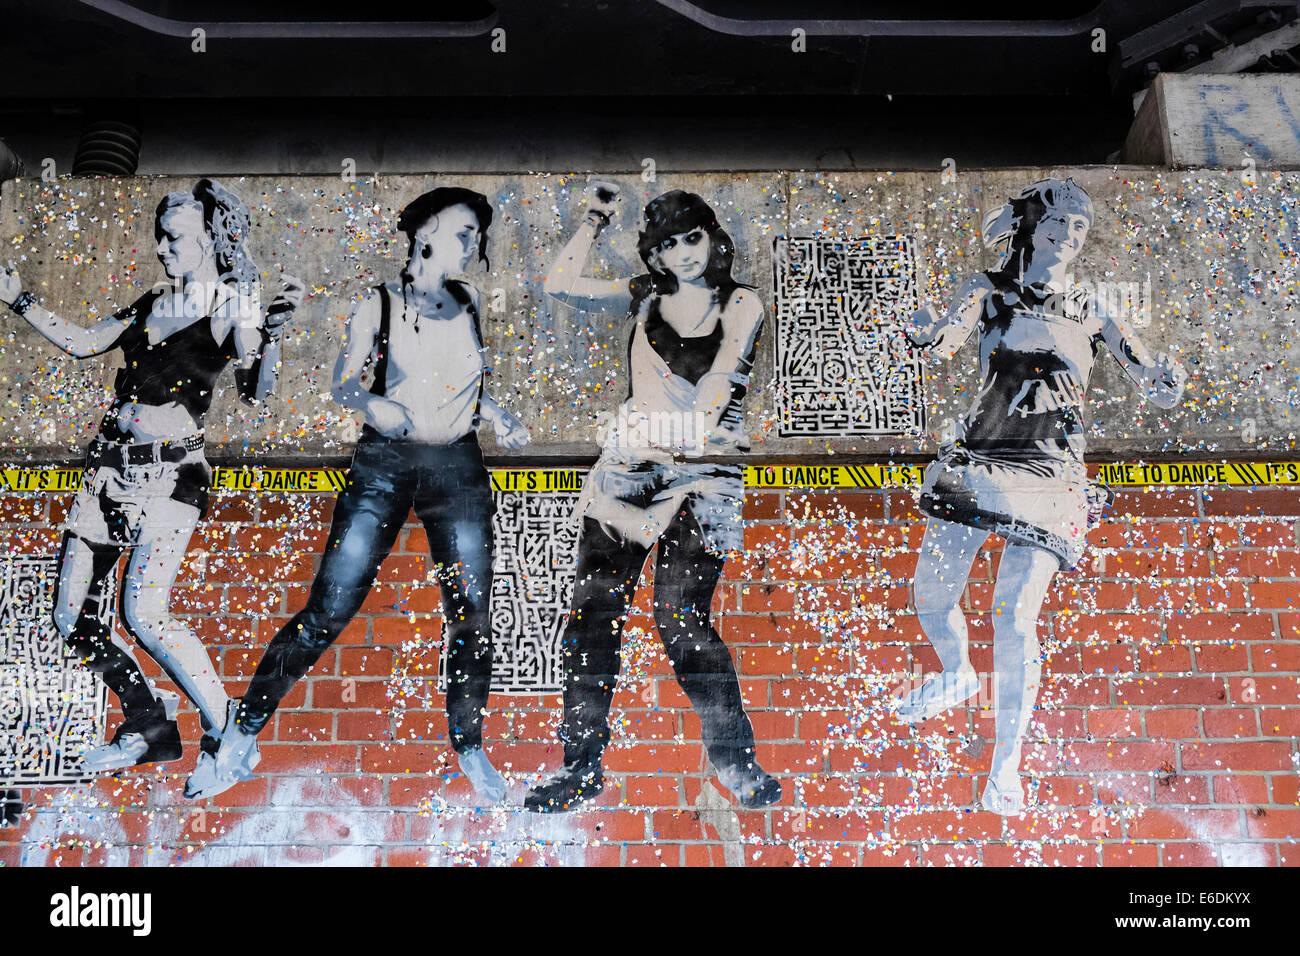 Stenciled street art graffiti on wall in Berlin Germany - Stock Image